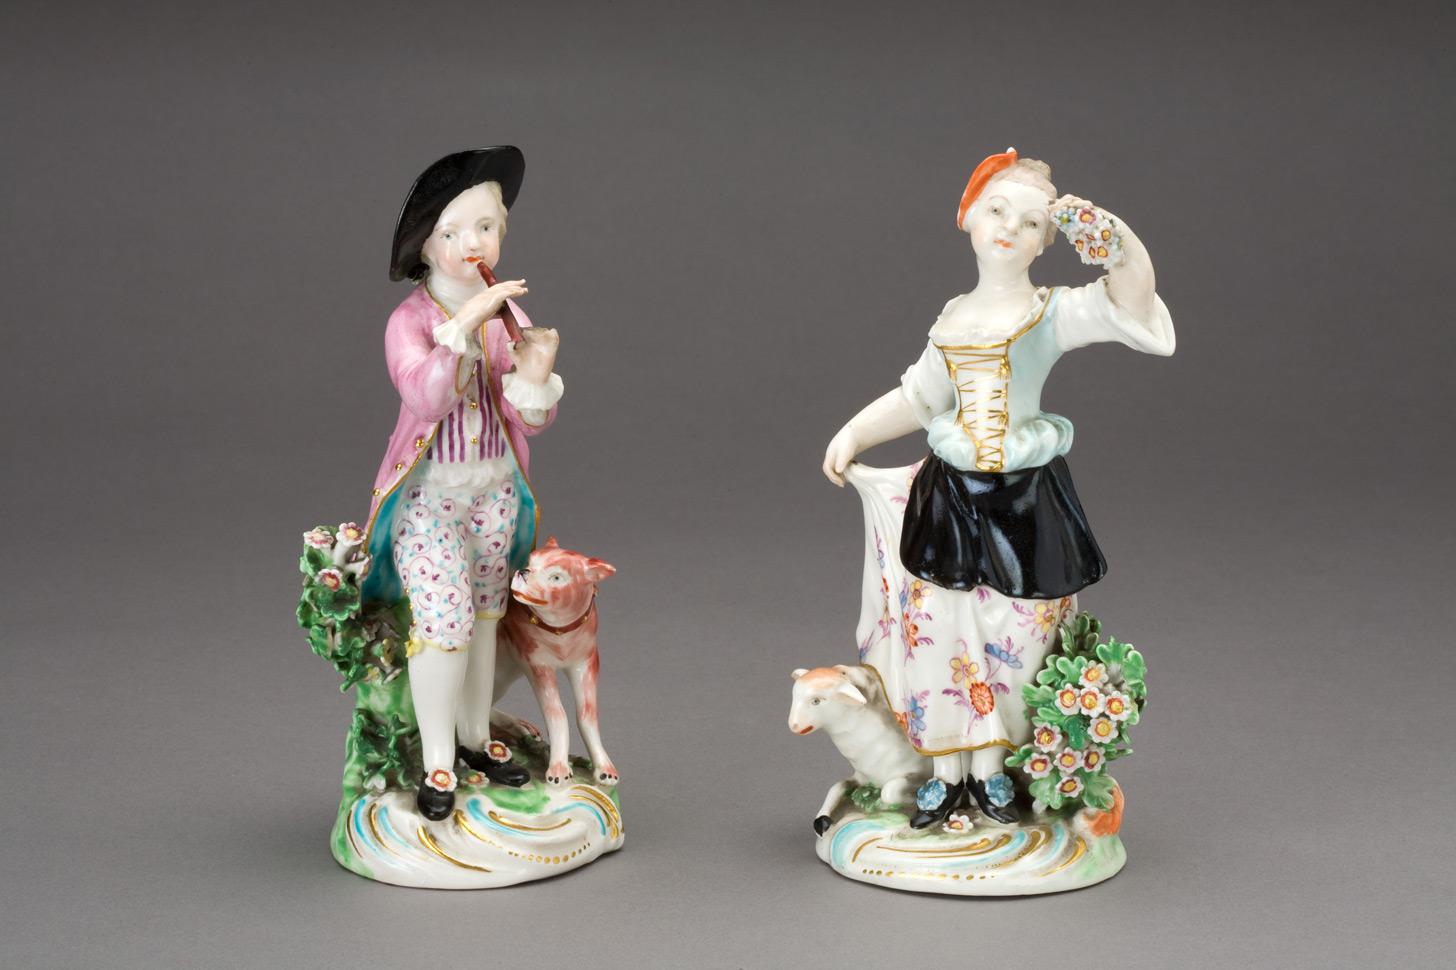 German figurines